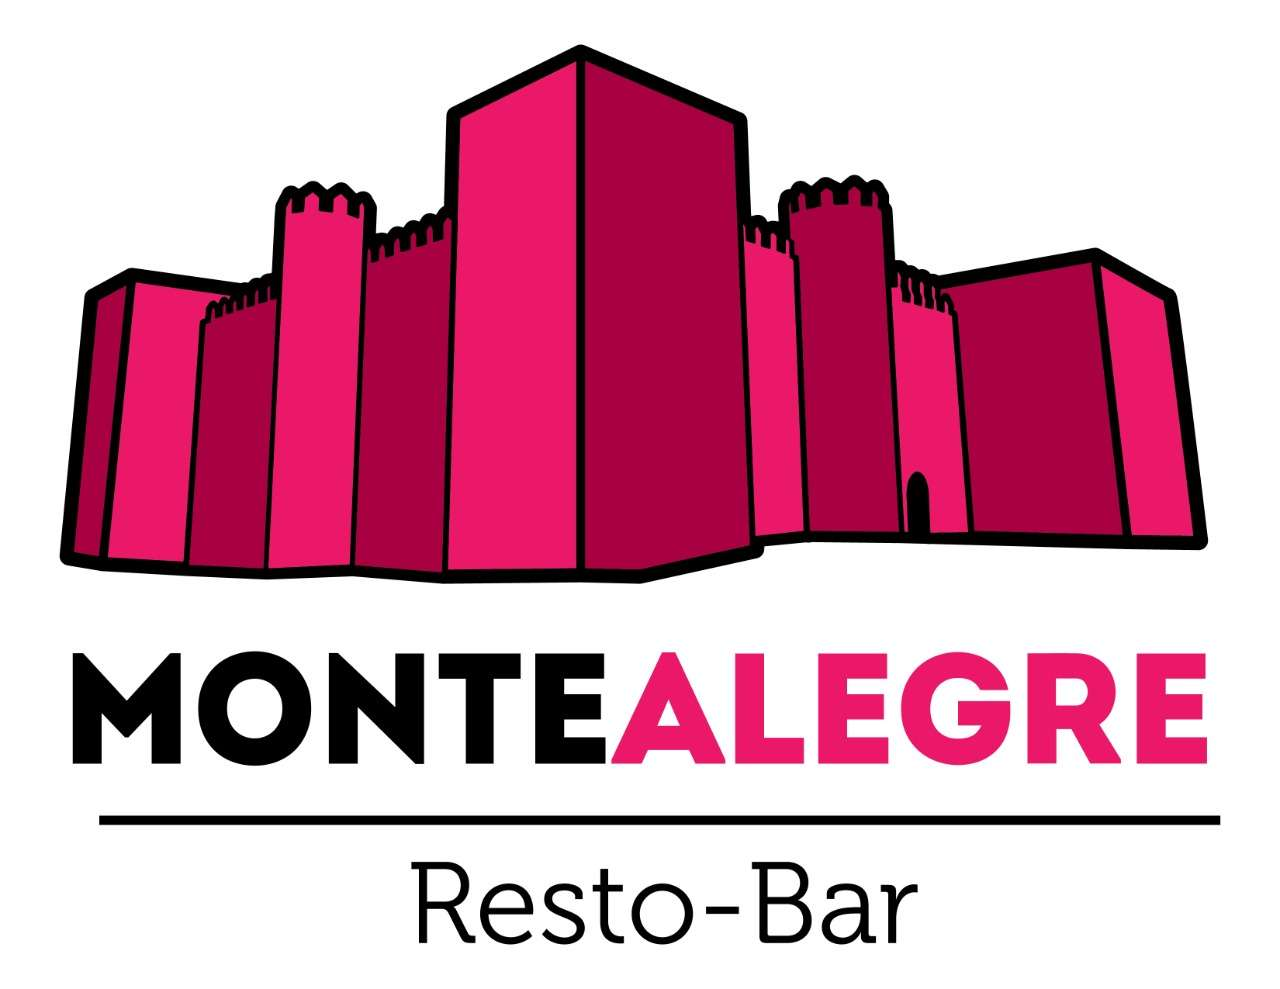 Monte Alegre Resto - Bar